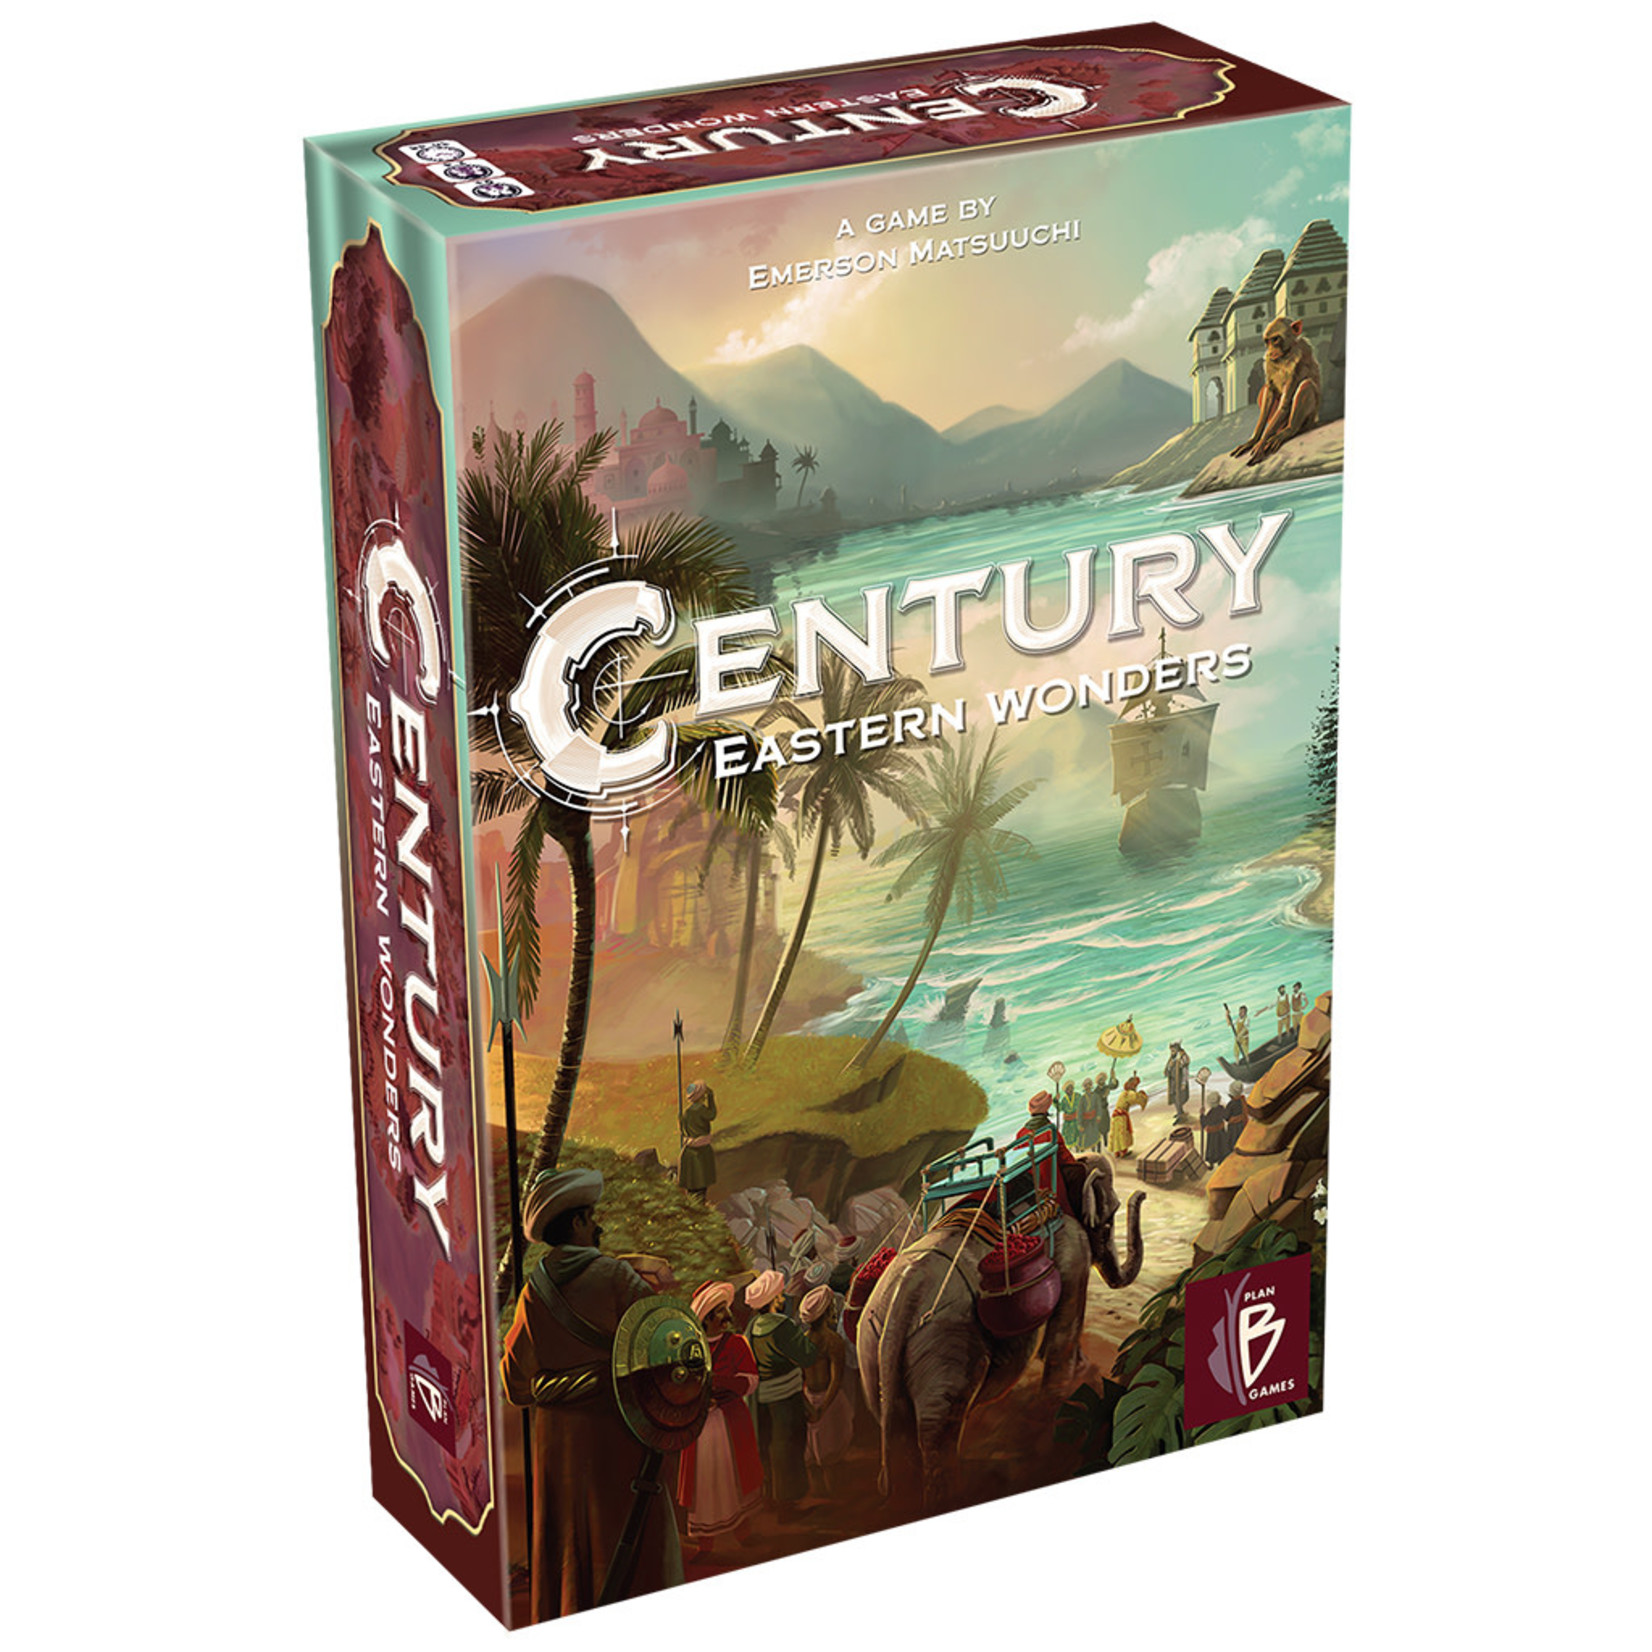 Century Eastern Wonders